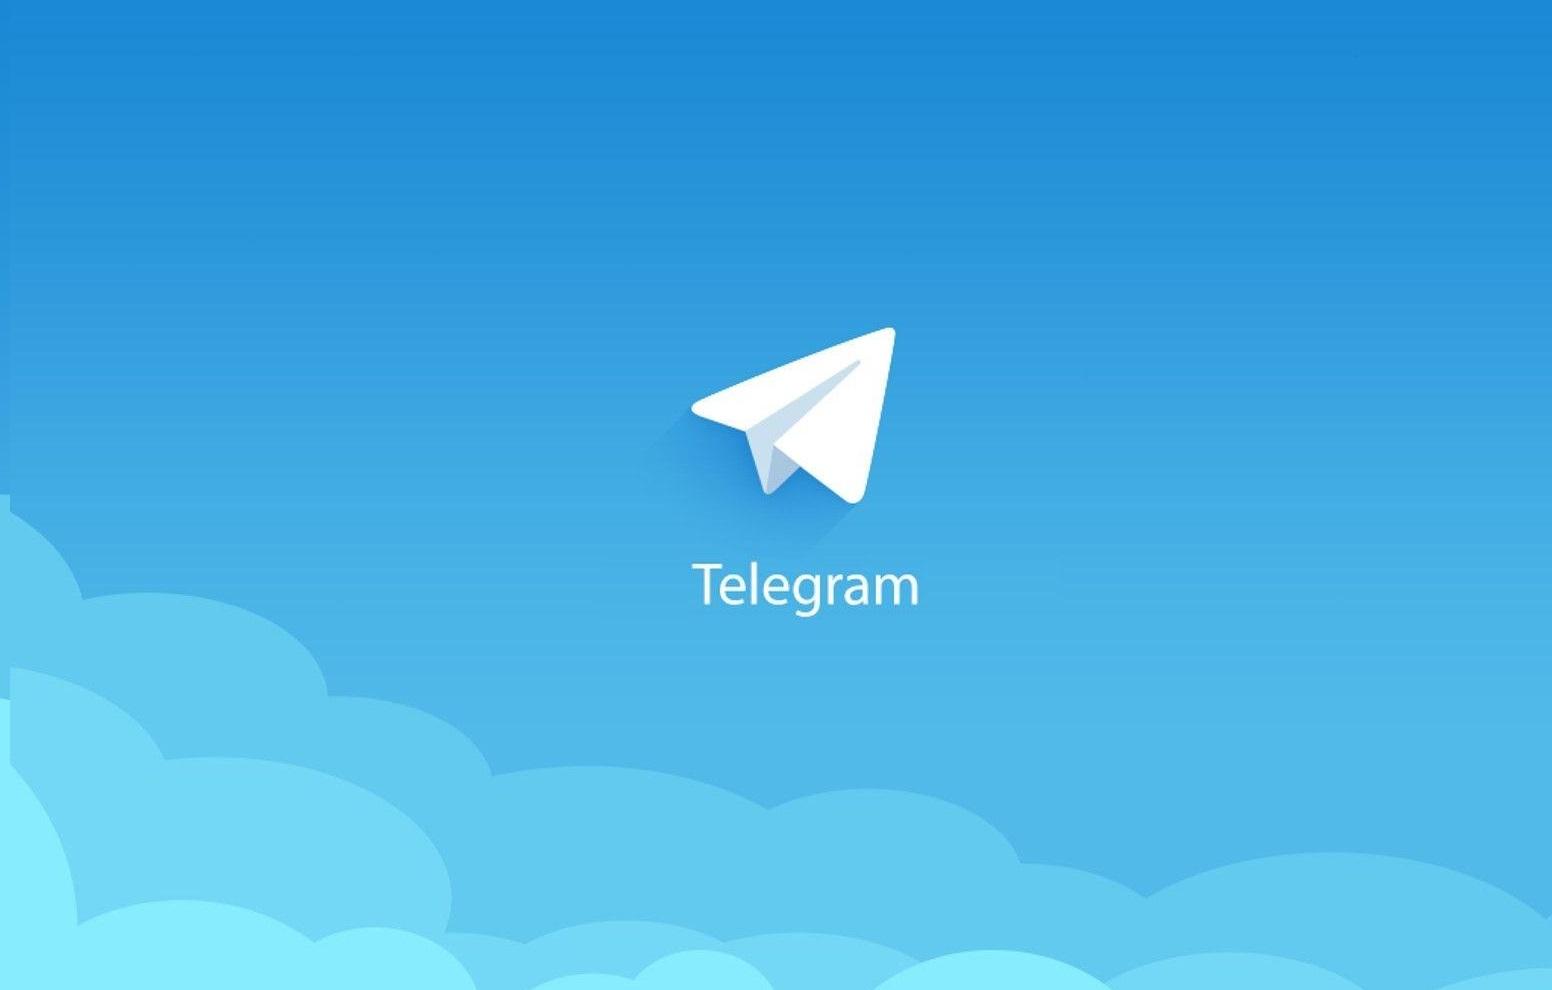 پایان فیلترینگ تلگرام